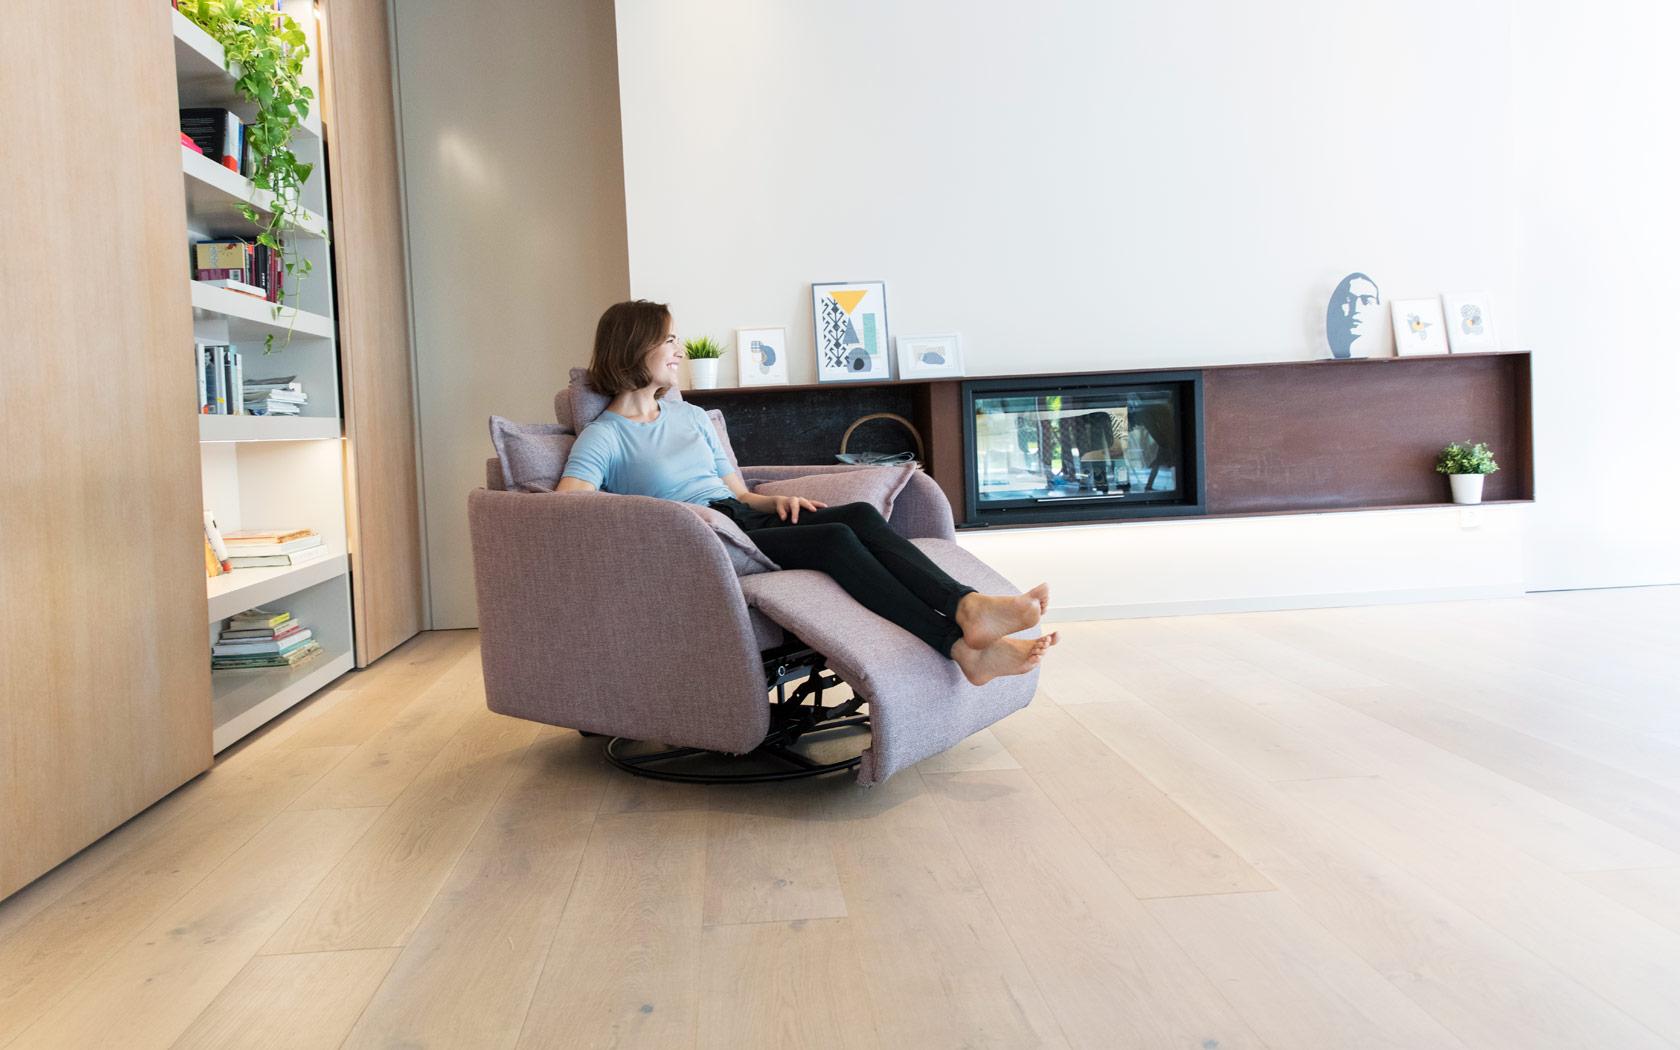 Eva sillón relax 2020 04